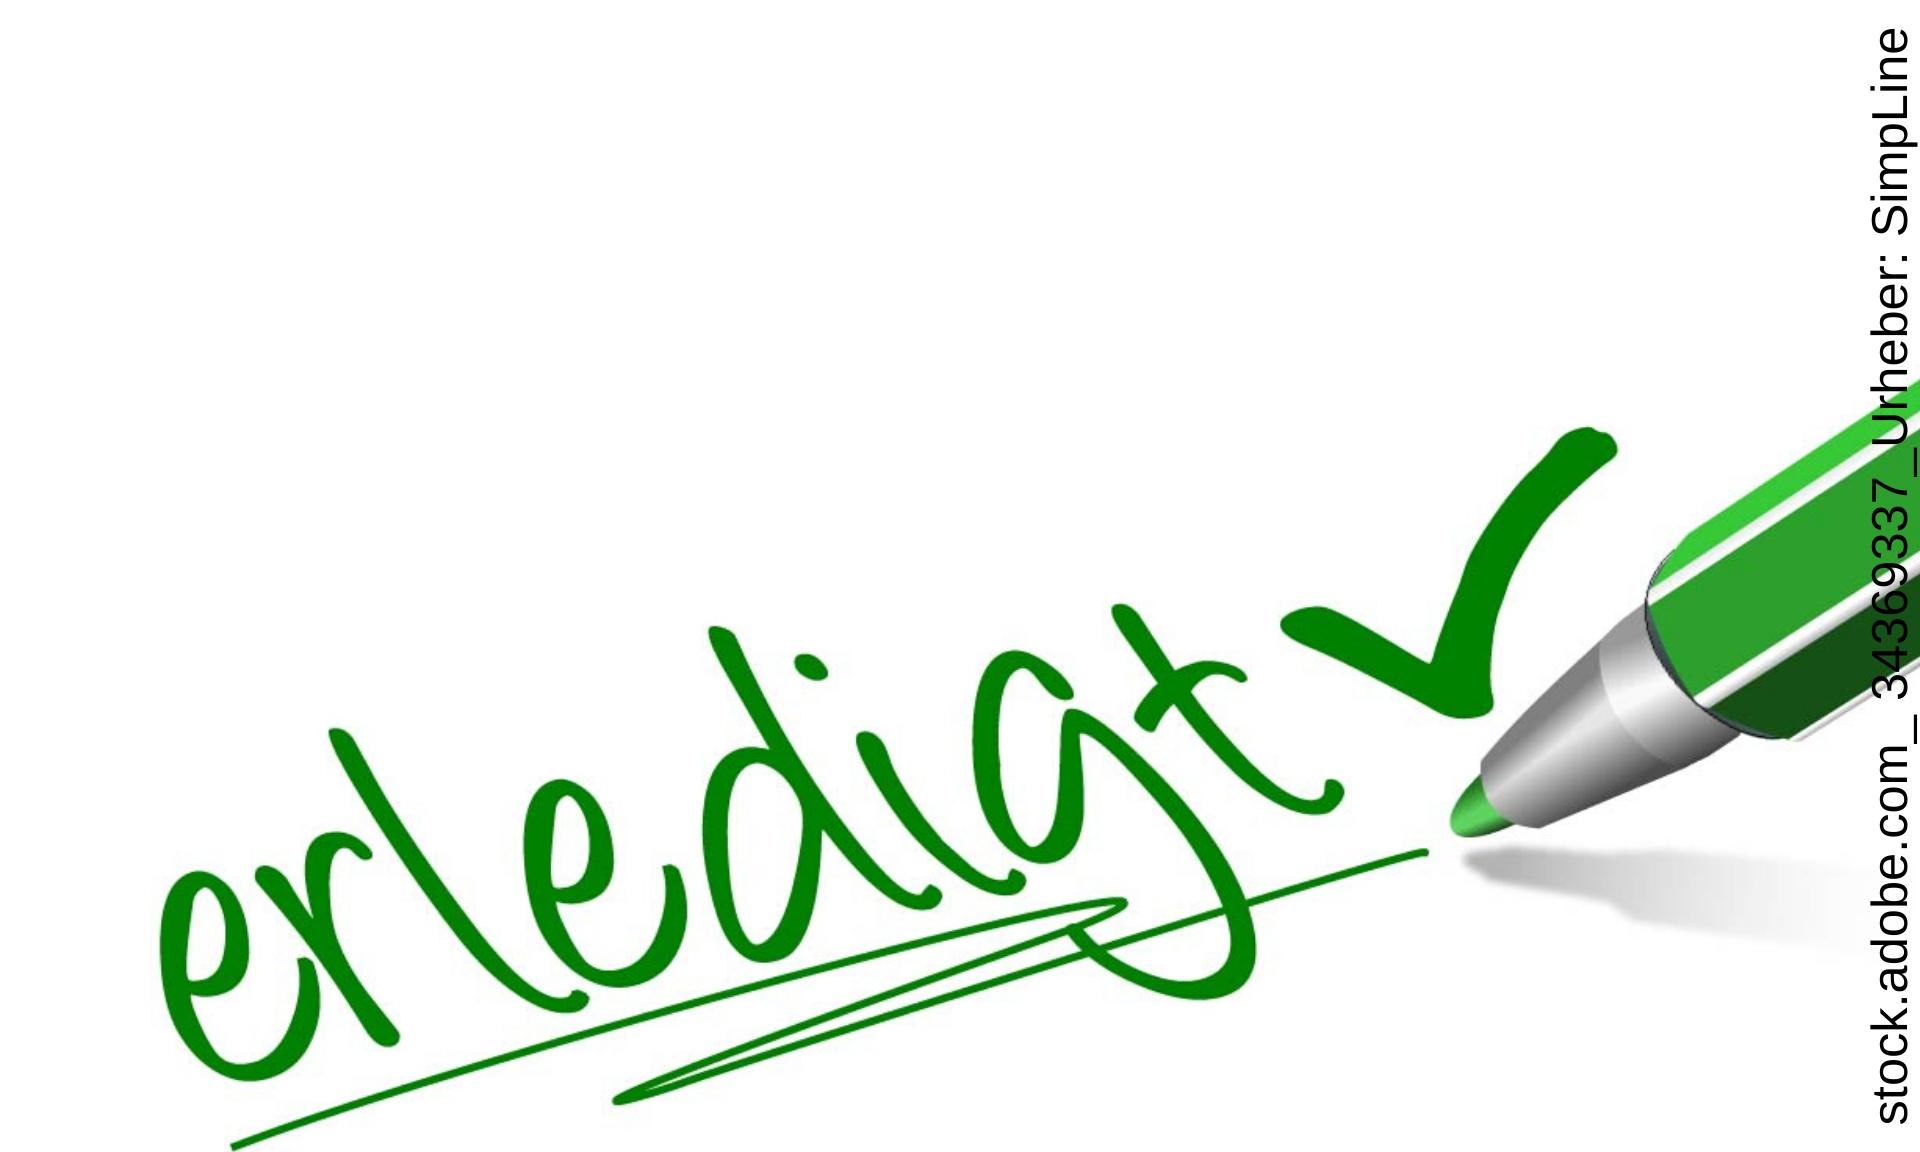 Energielevel steigern - So schaffen Sie es!